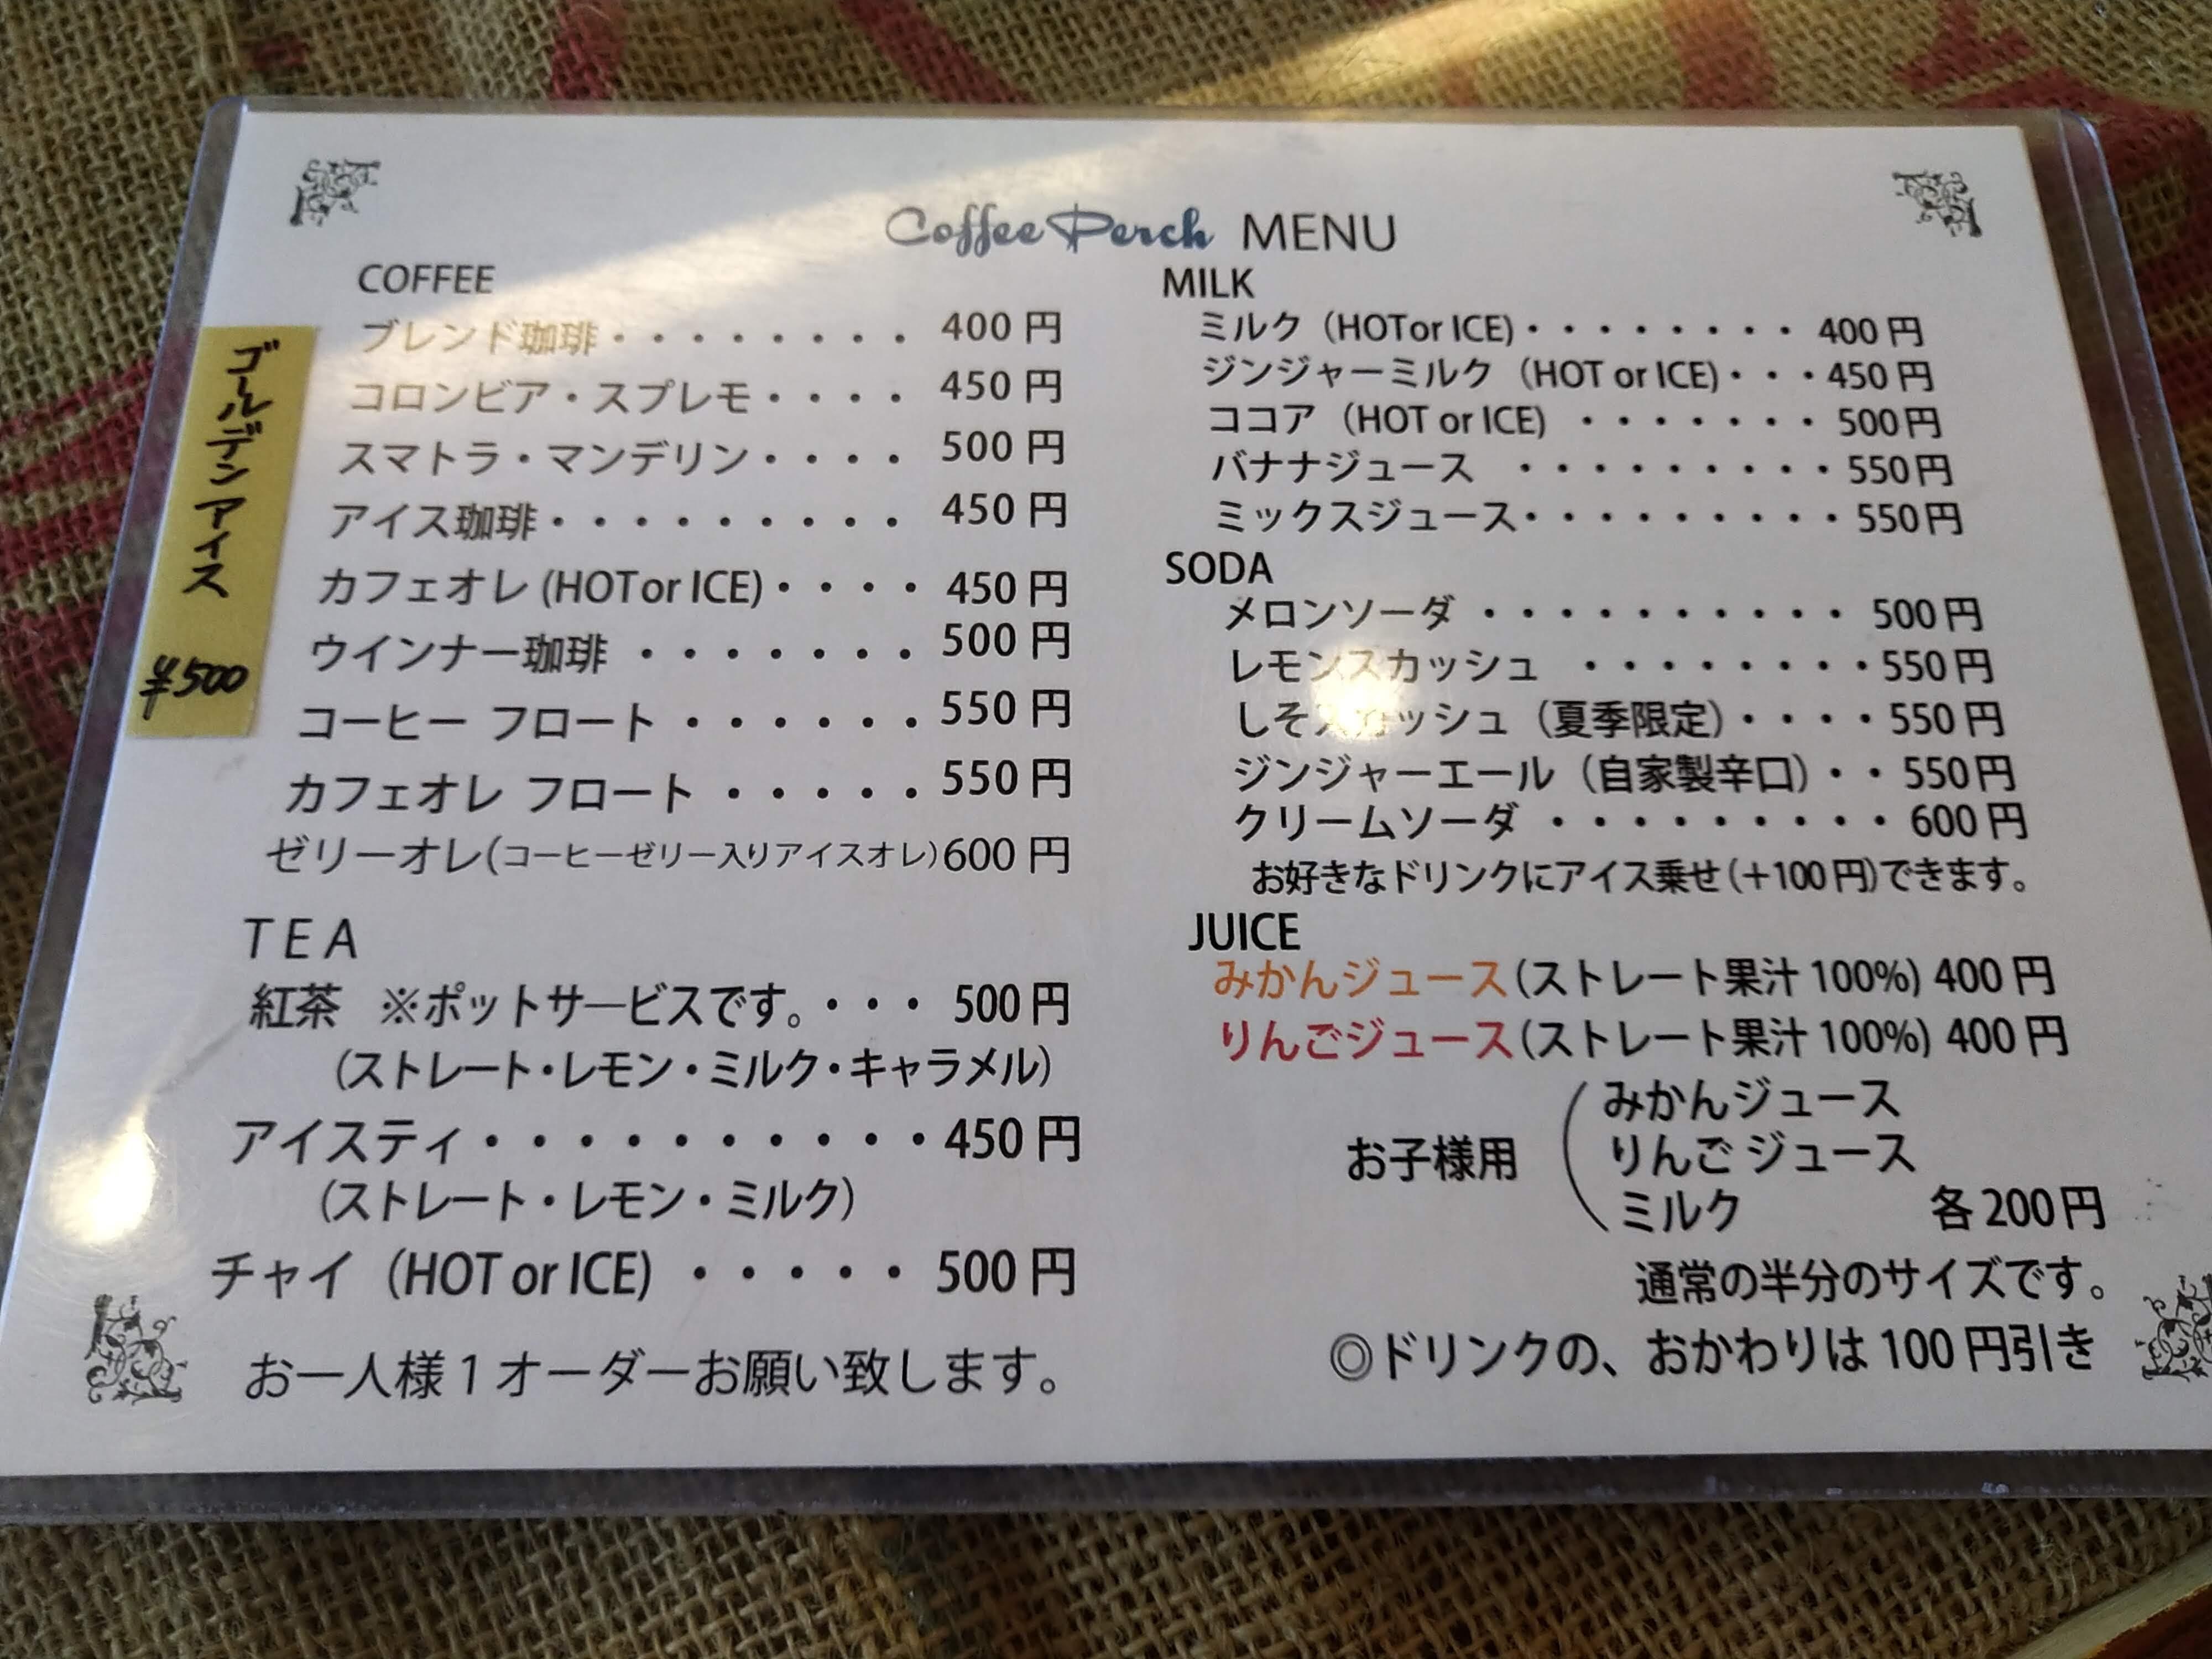 喫茶パーチ 西陣 メニュー